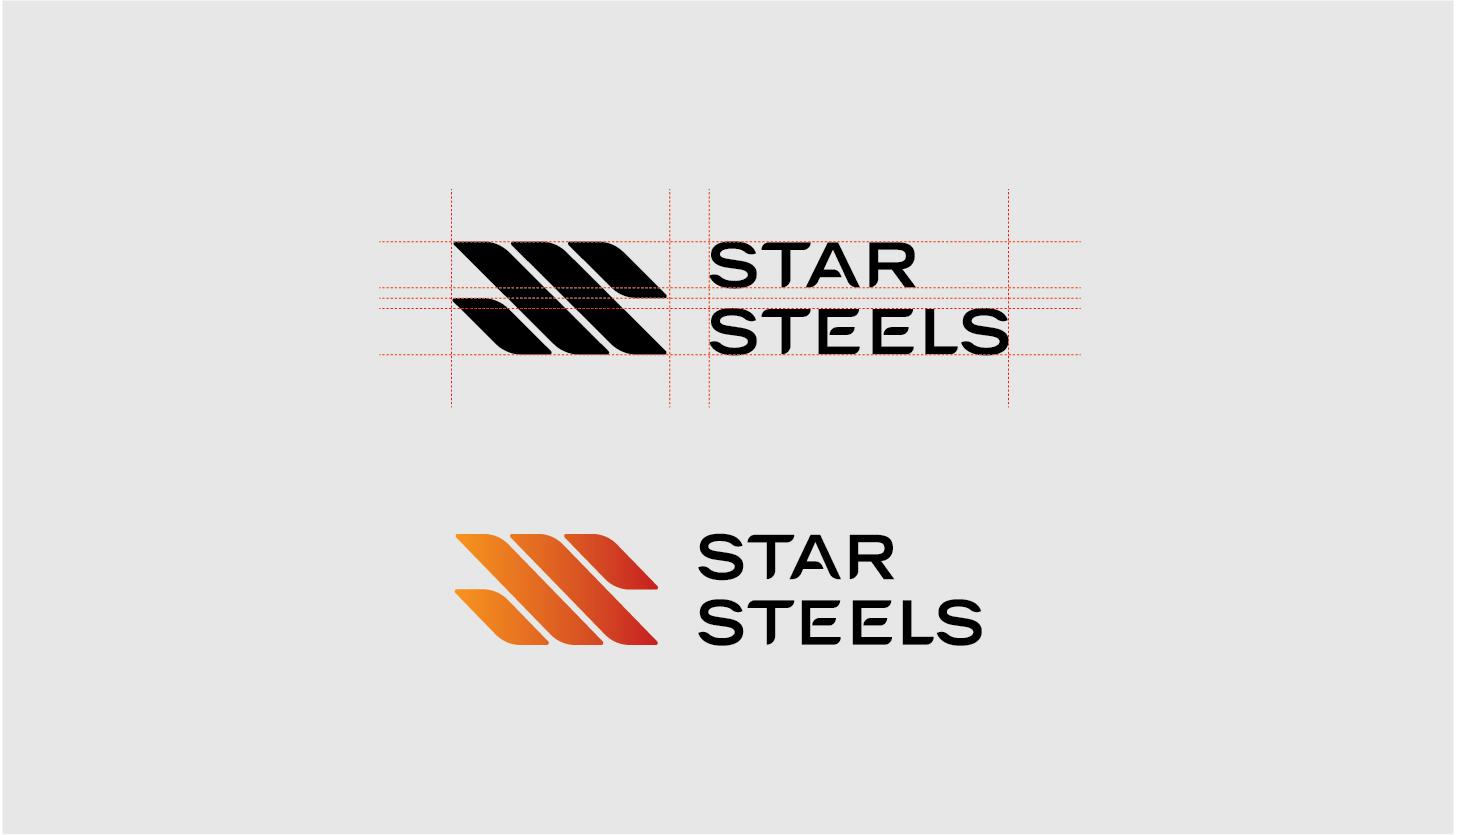 starsteels-03